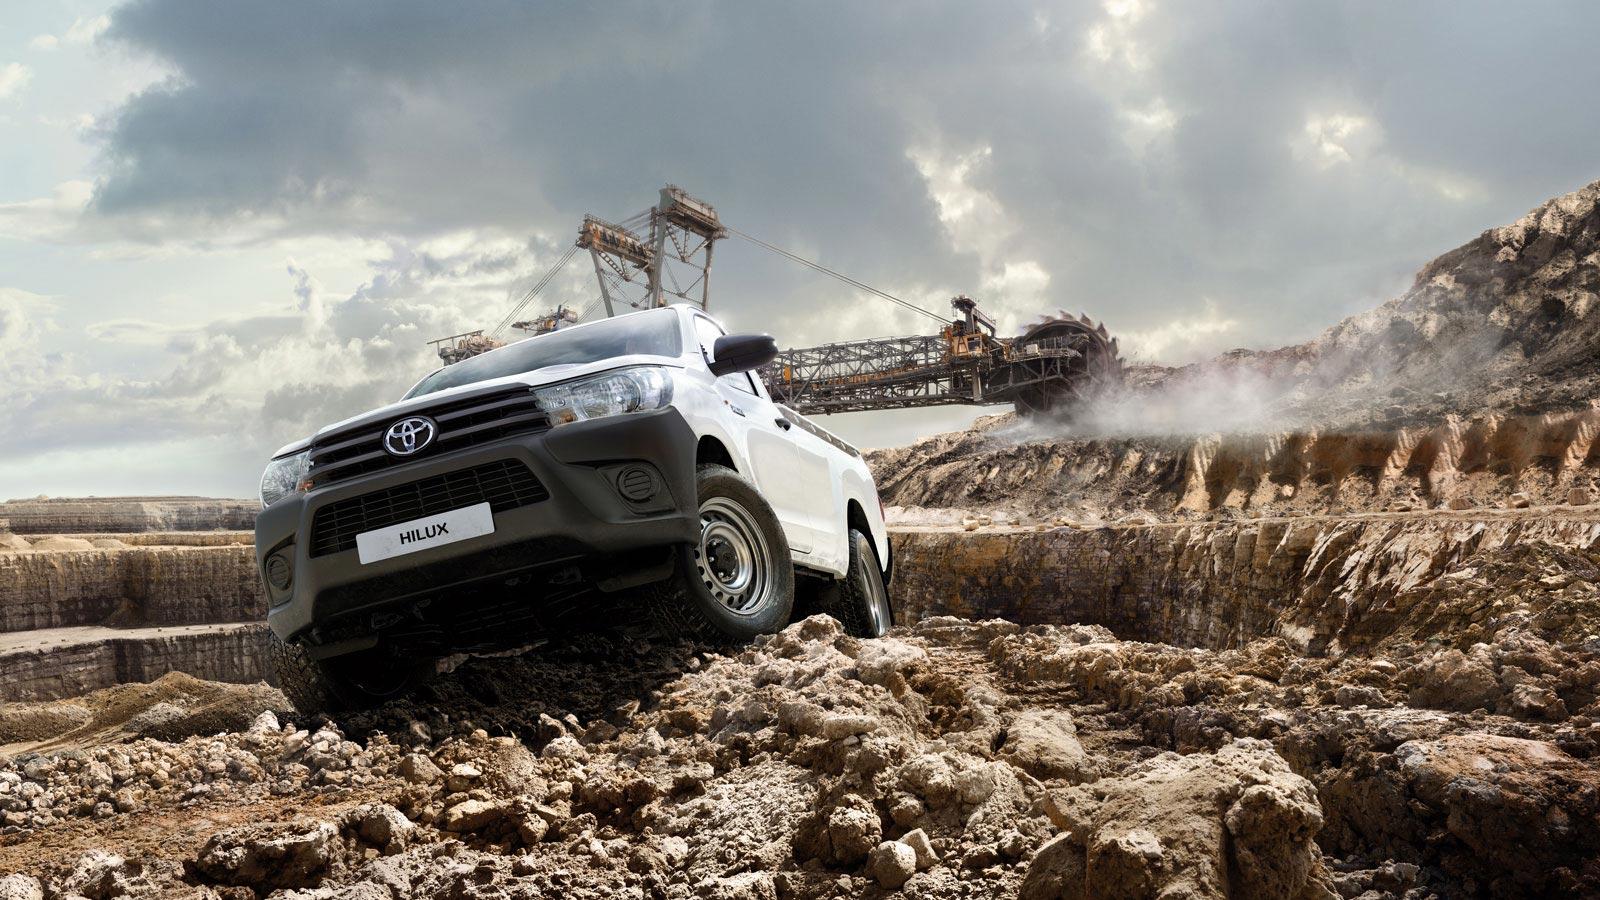 Đánh giá xe bán tải Toyota Hilux phiên bản mới ảnh 25 - Toyota Hilux: khuyến mãi và giá xe tháng [hienthithang]/[hienthinam]